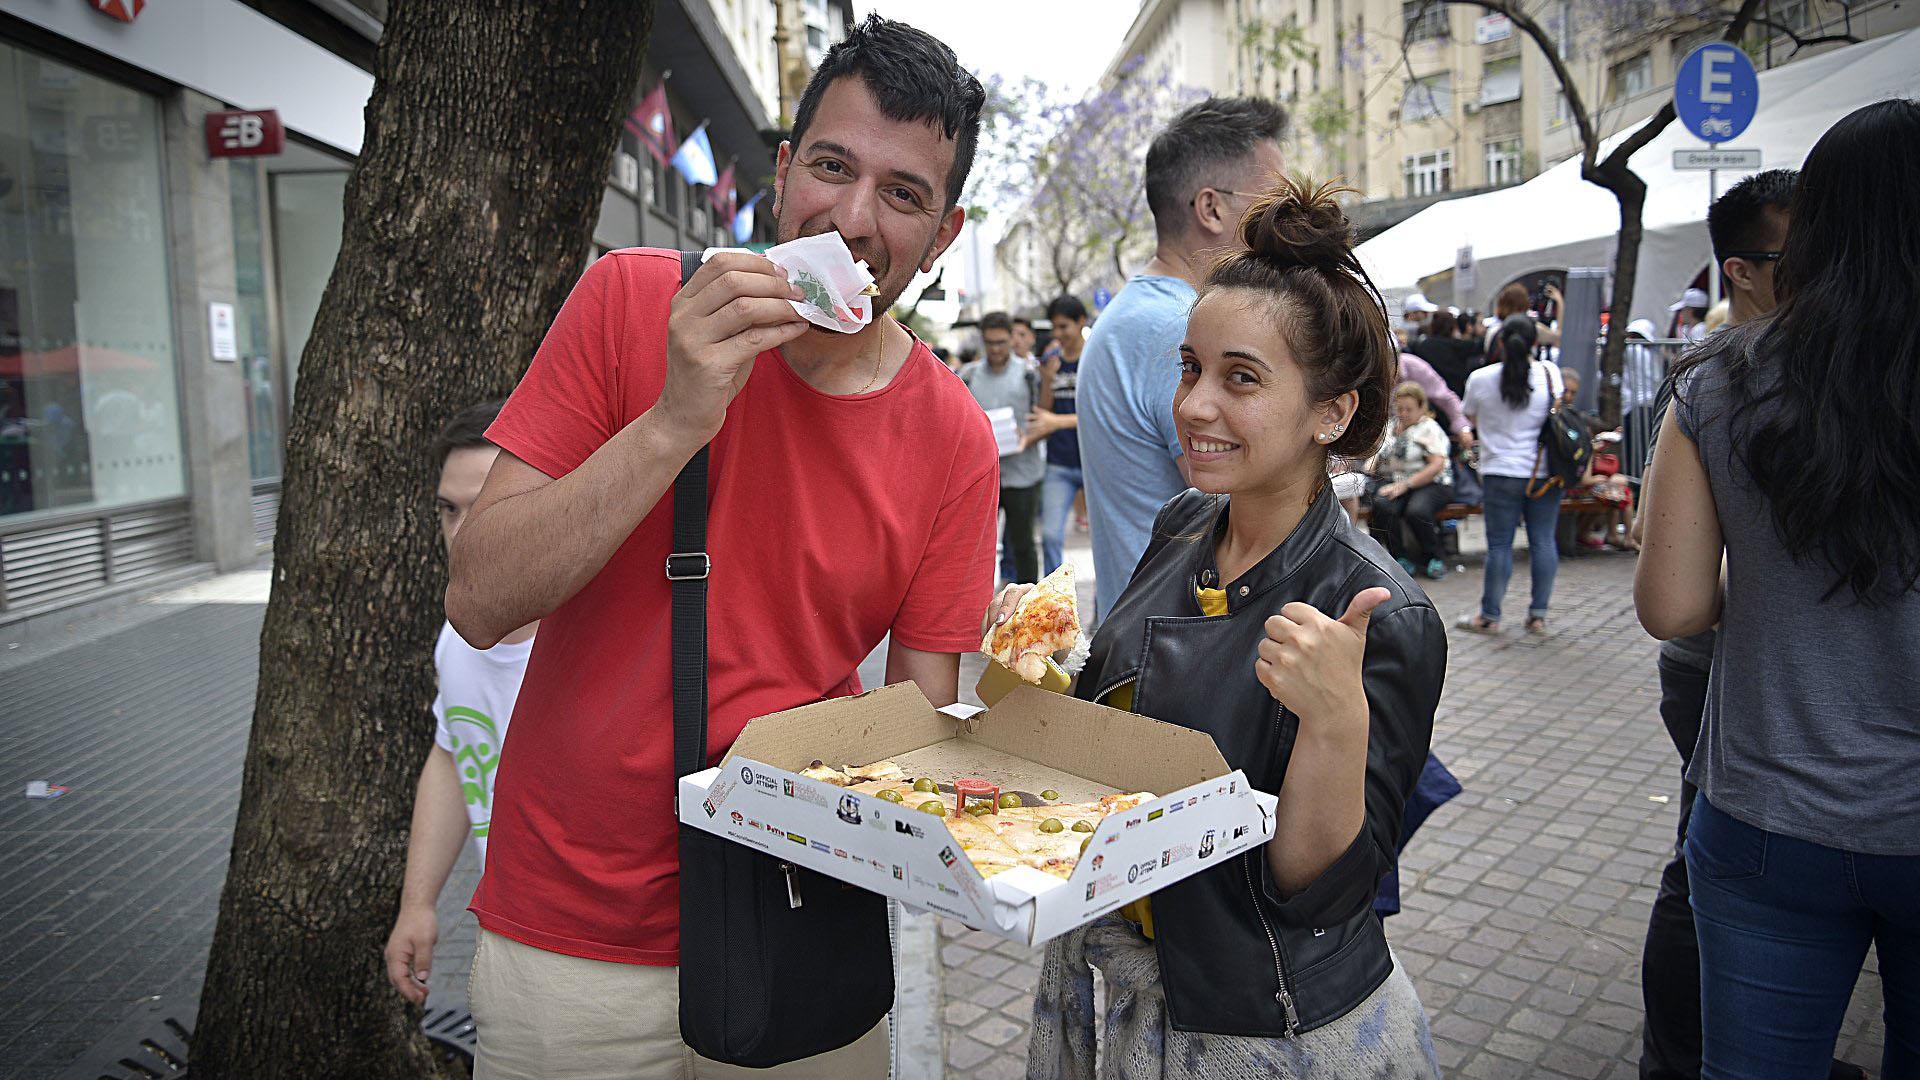 El disfrute de una buena porción de pizza en las caras de los jóvenes